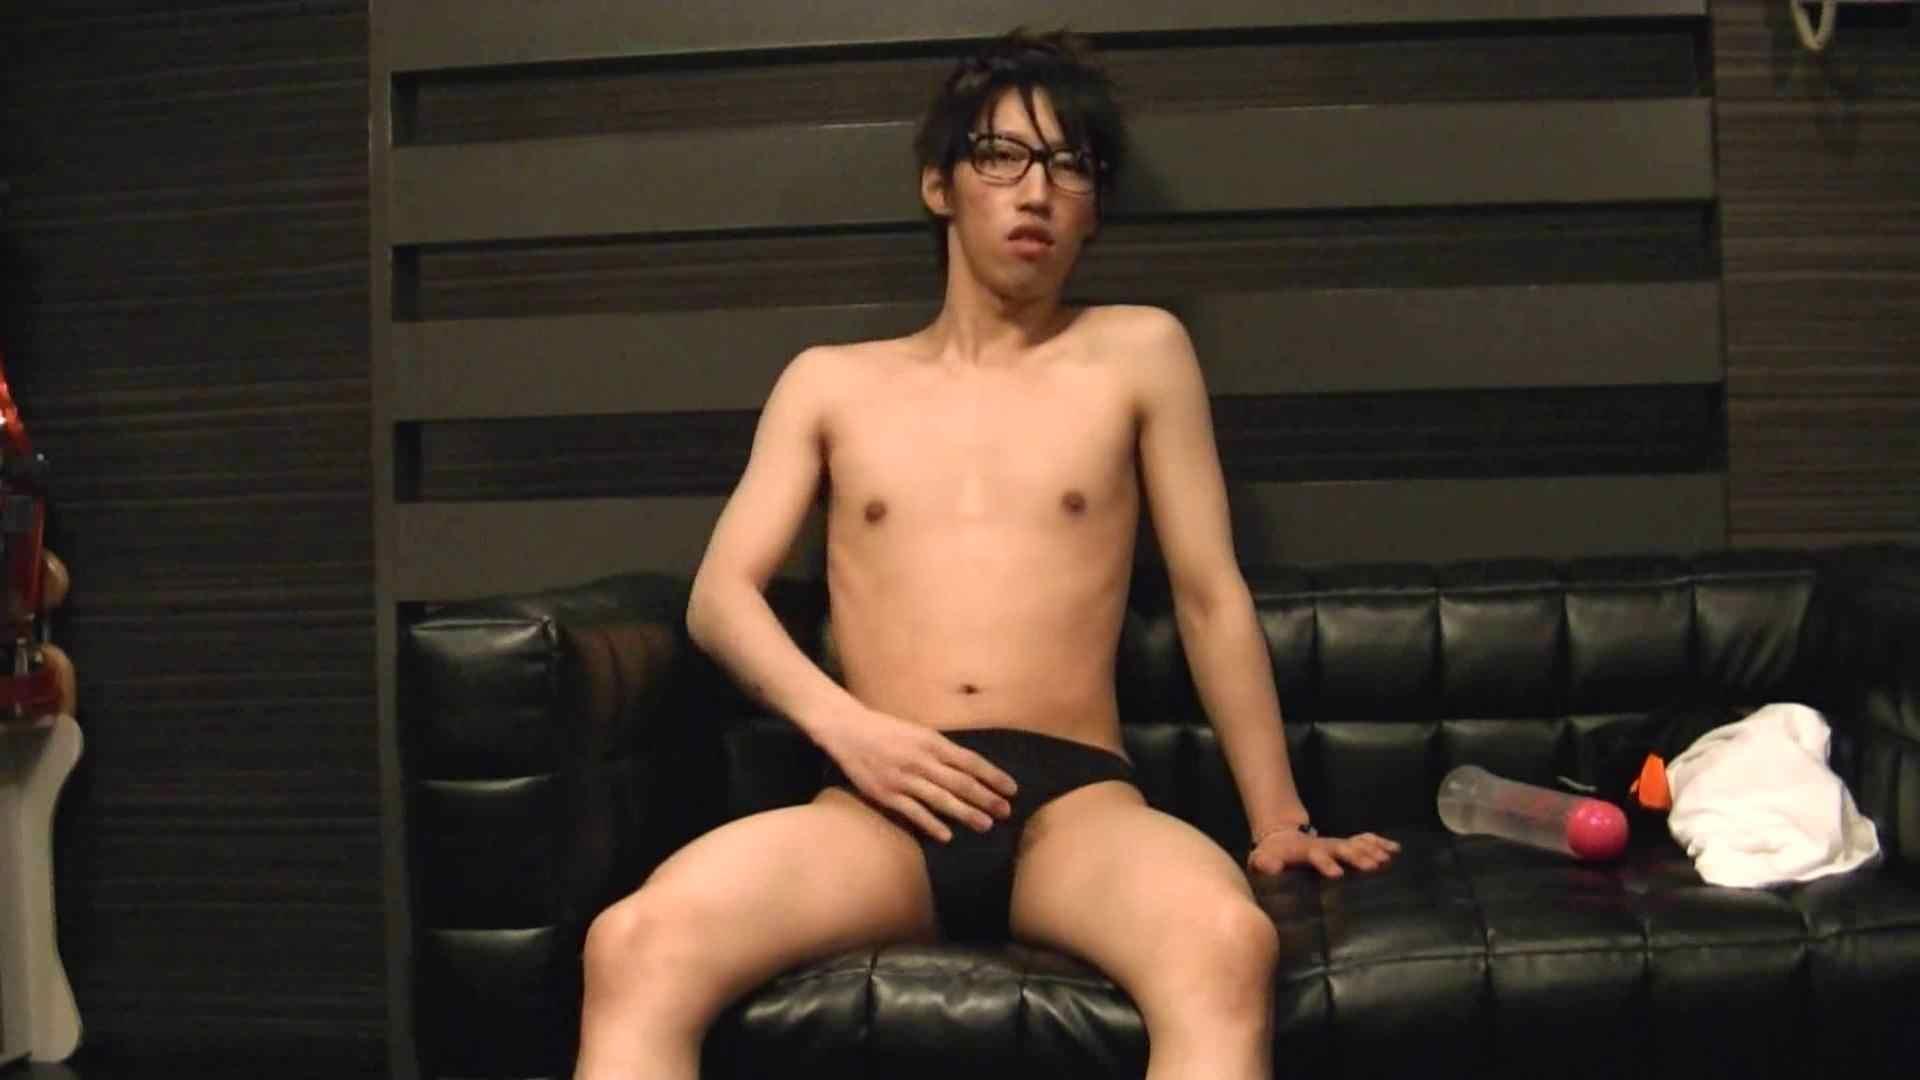 ONA見せカーニバル!! Vol3 ゲイのオナニー映像  103枚 4